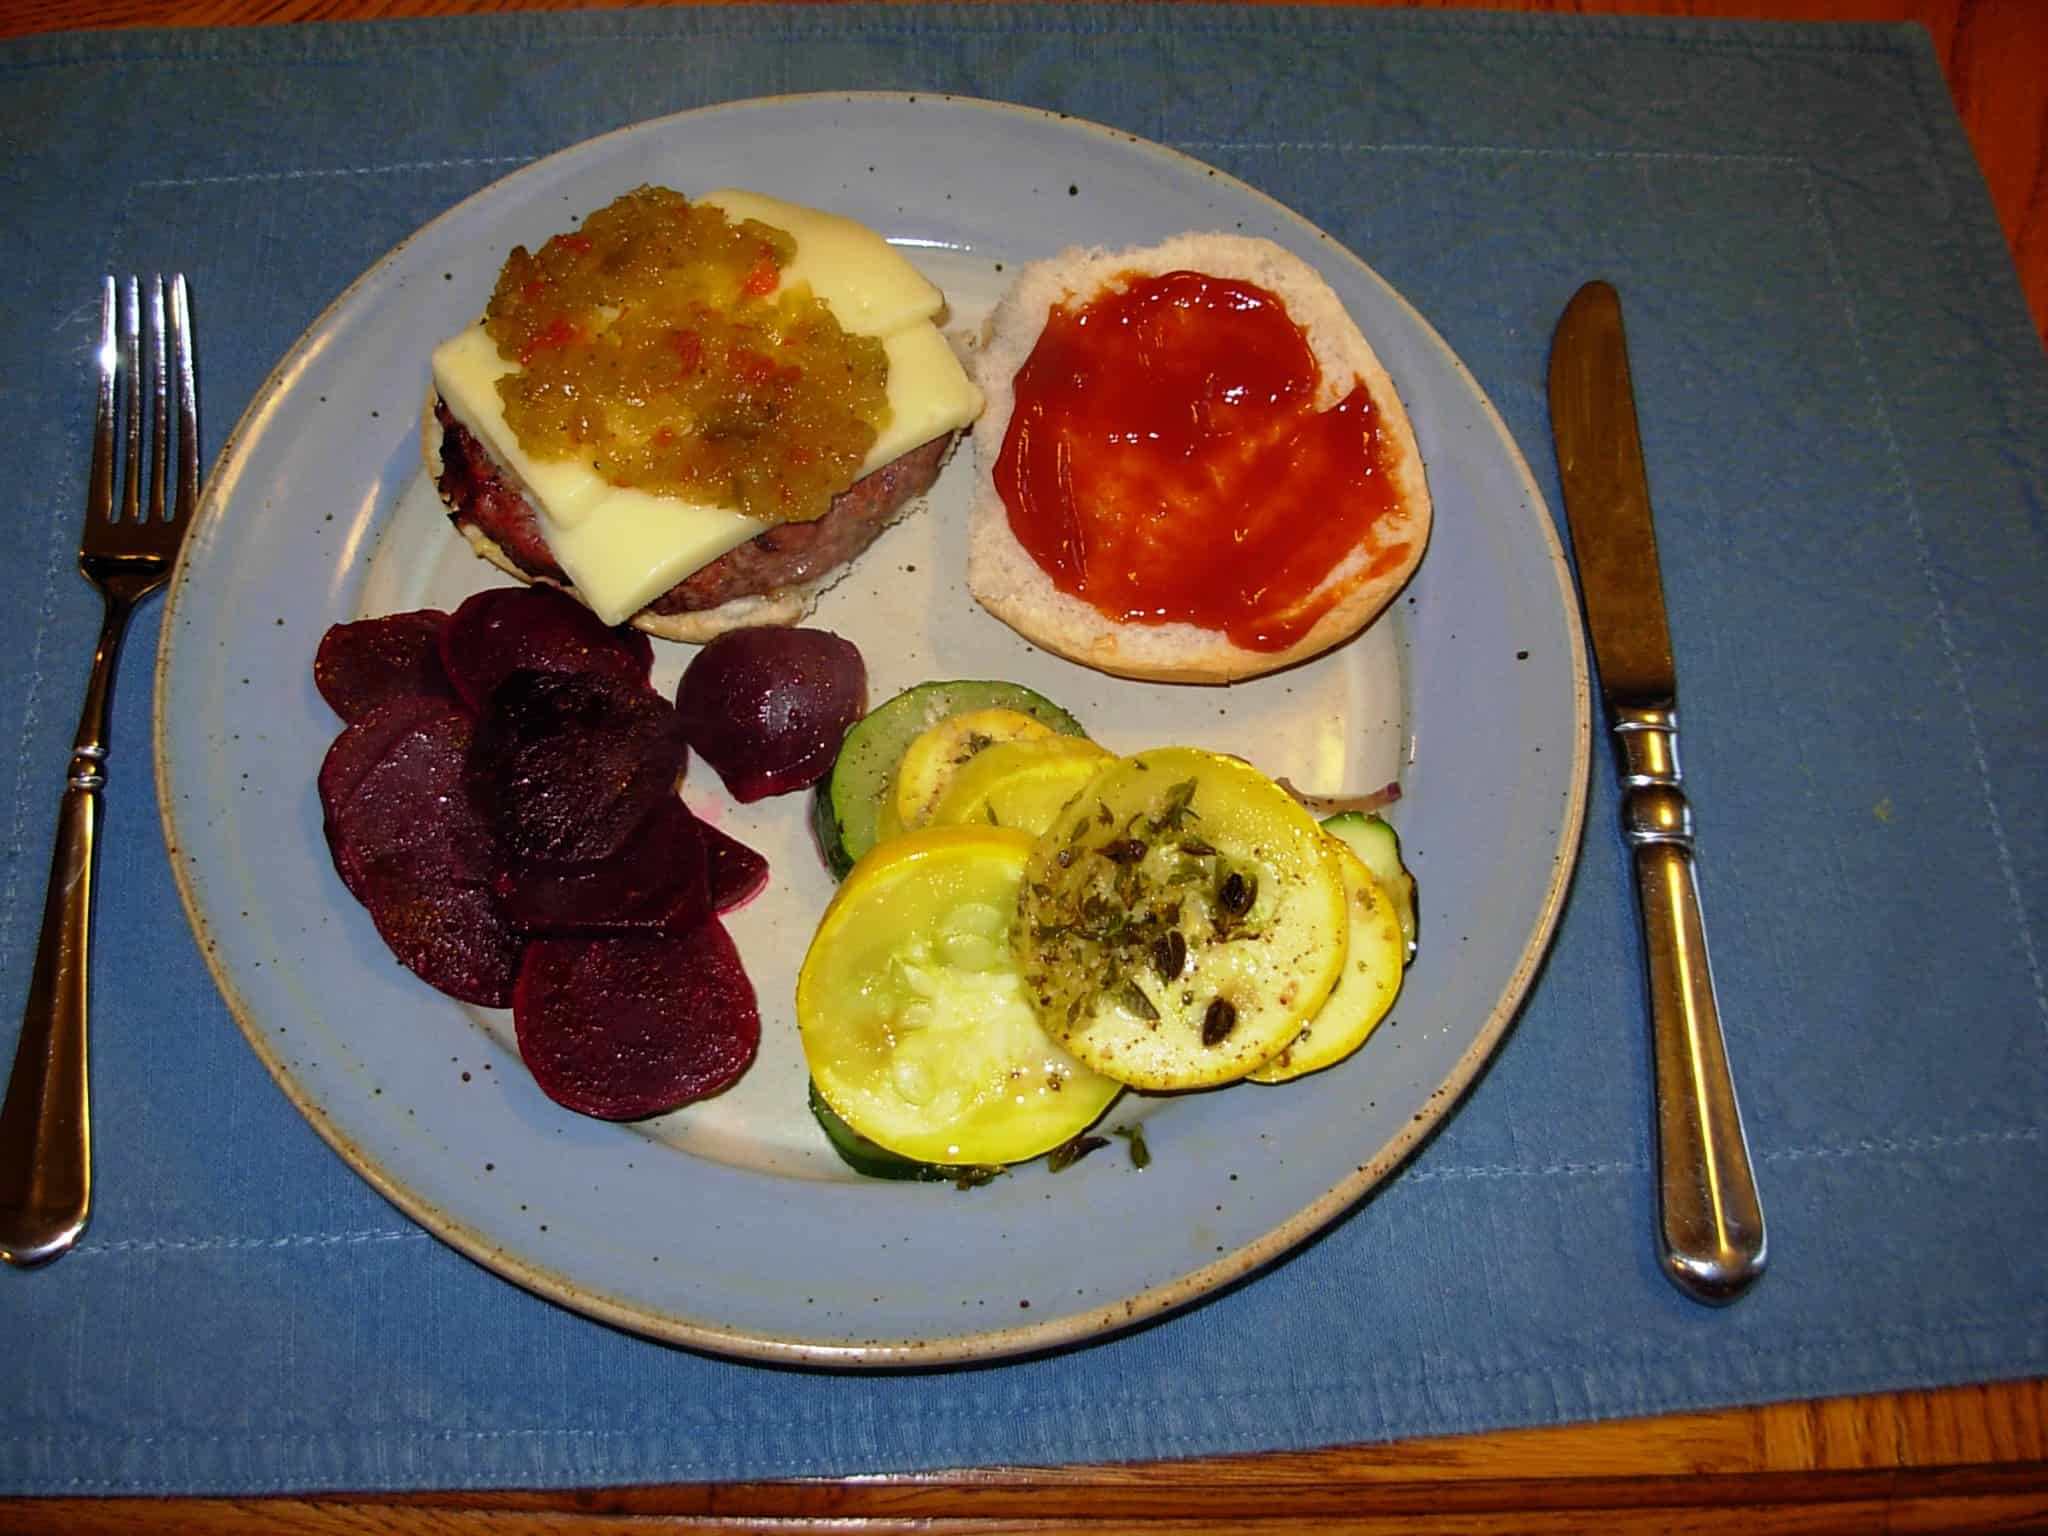 Cheeseburger, beets and squash bake